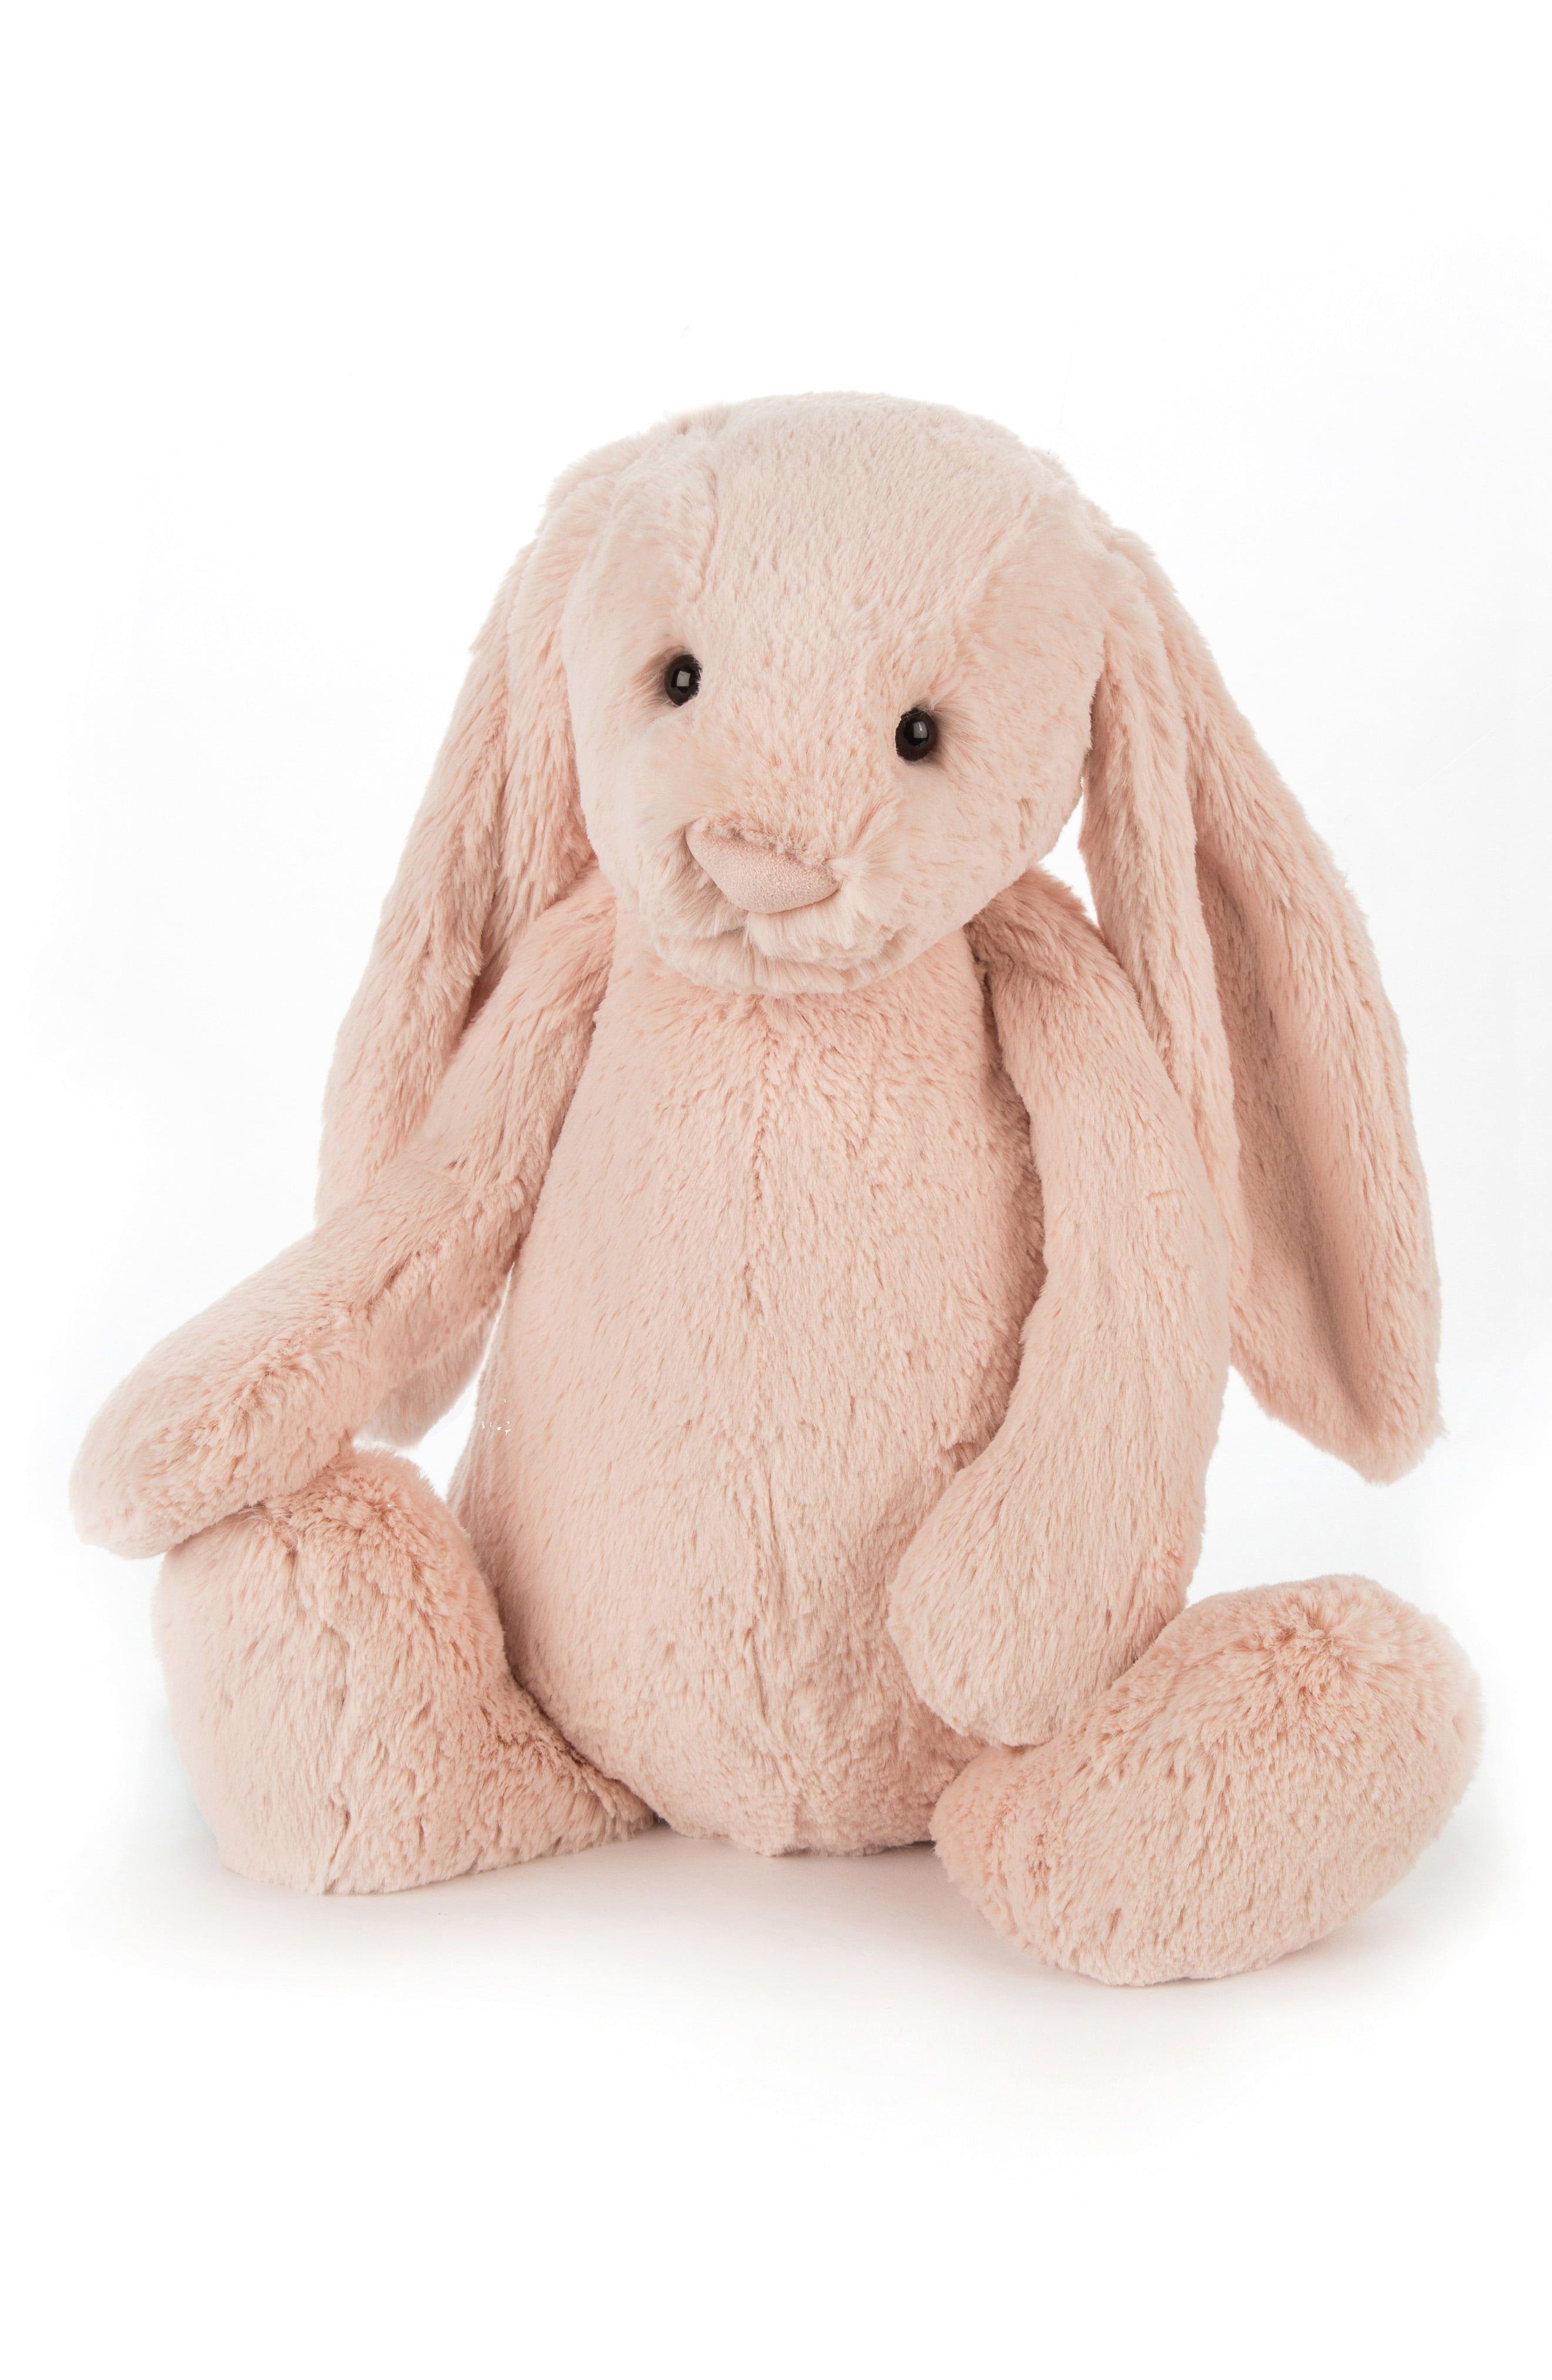 Jellycat Huge Bashful Blush Bunny Stuffed Animal Nordstrom In 2020 Bunny Stuffed Animals Bunny Toys Jellycat